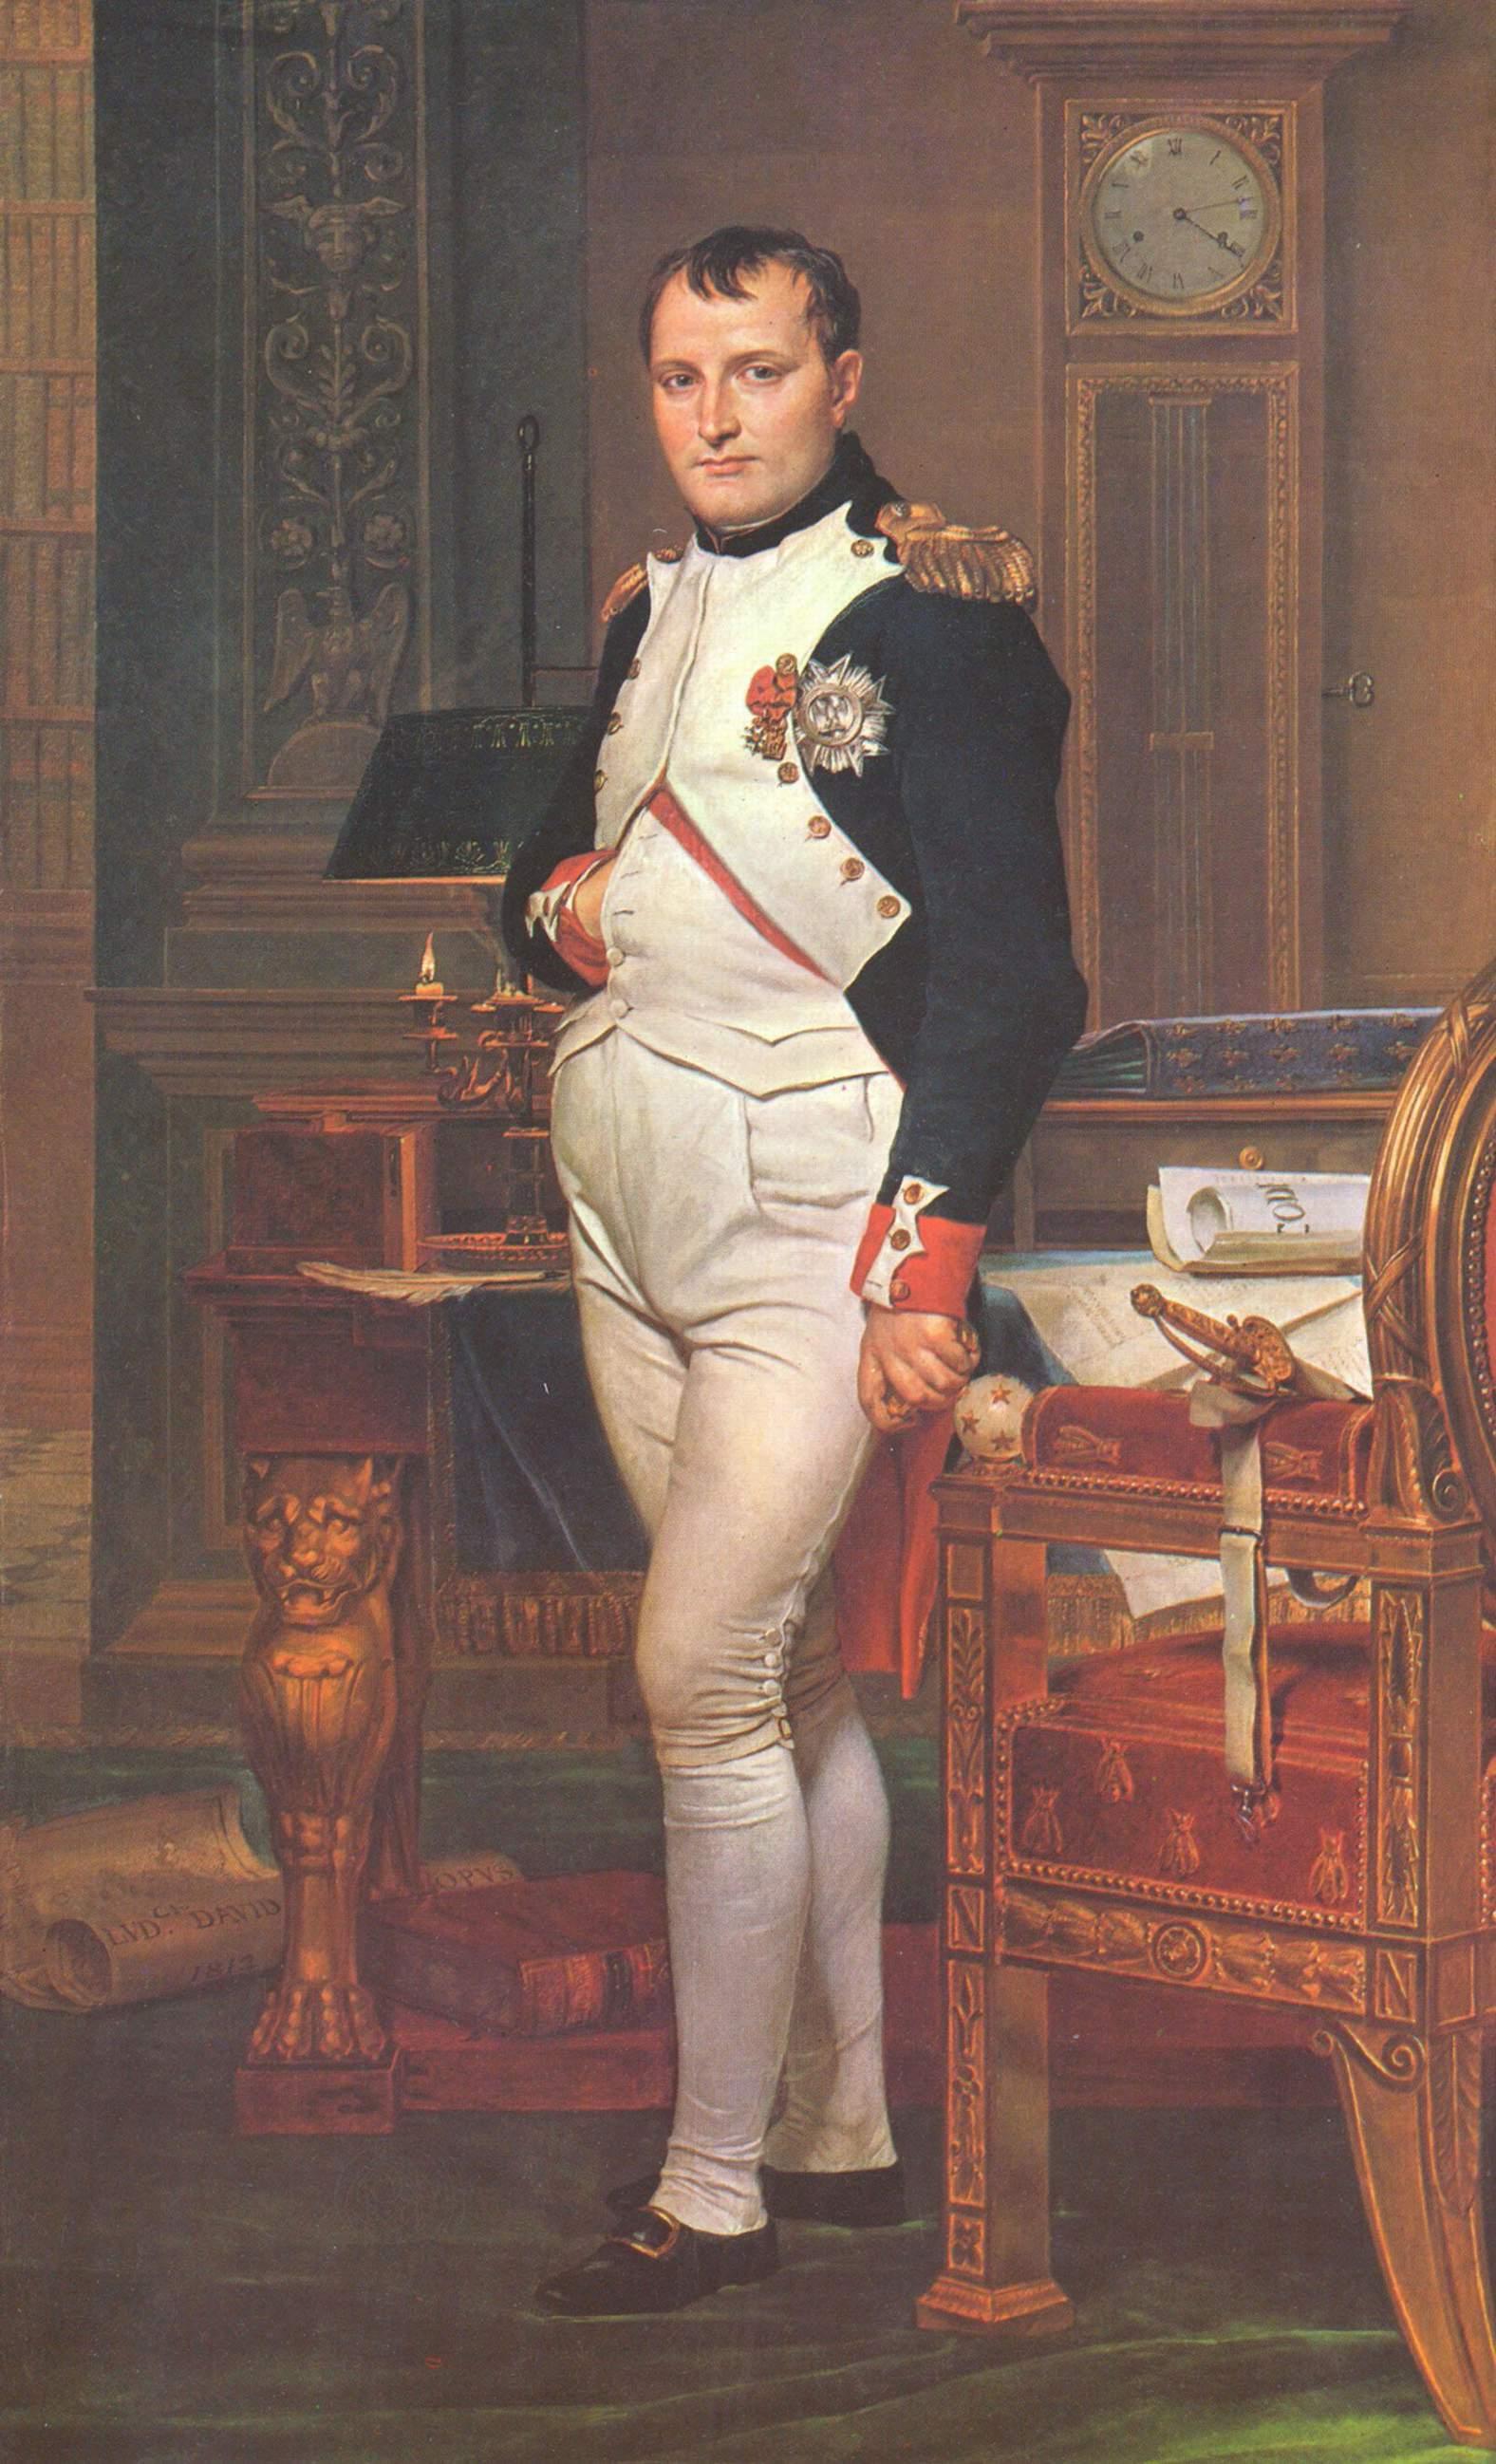 Портрет Наполеона в его рабочем кабинете, Жак - Луи Давид